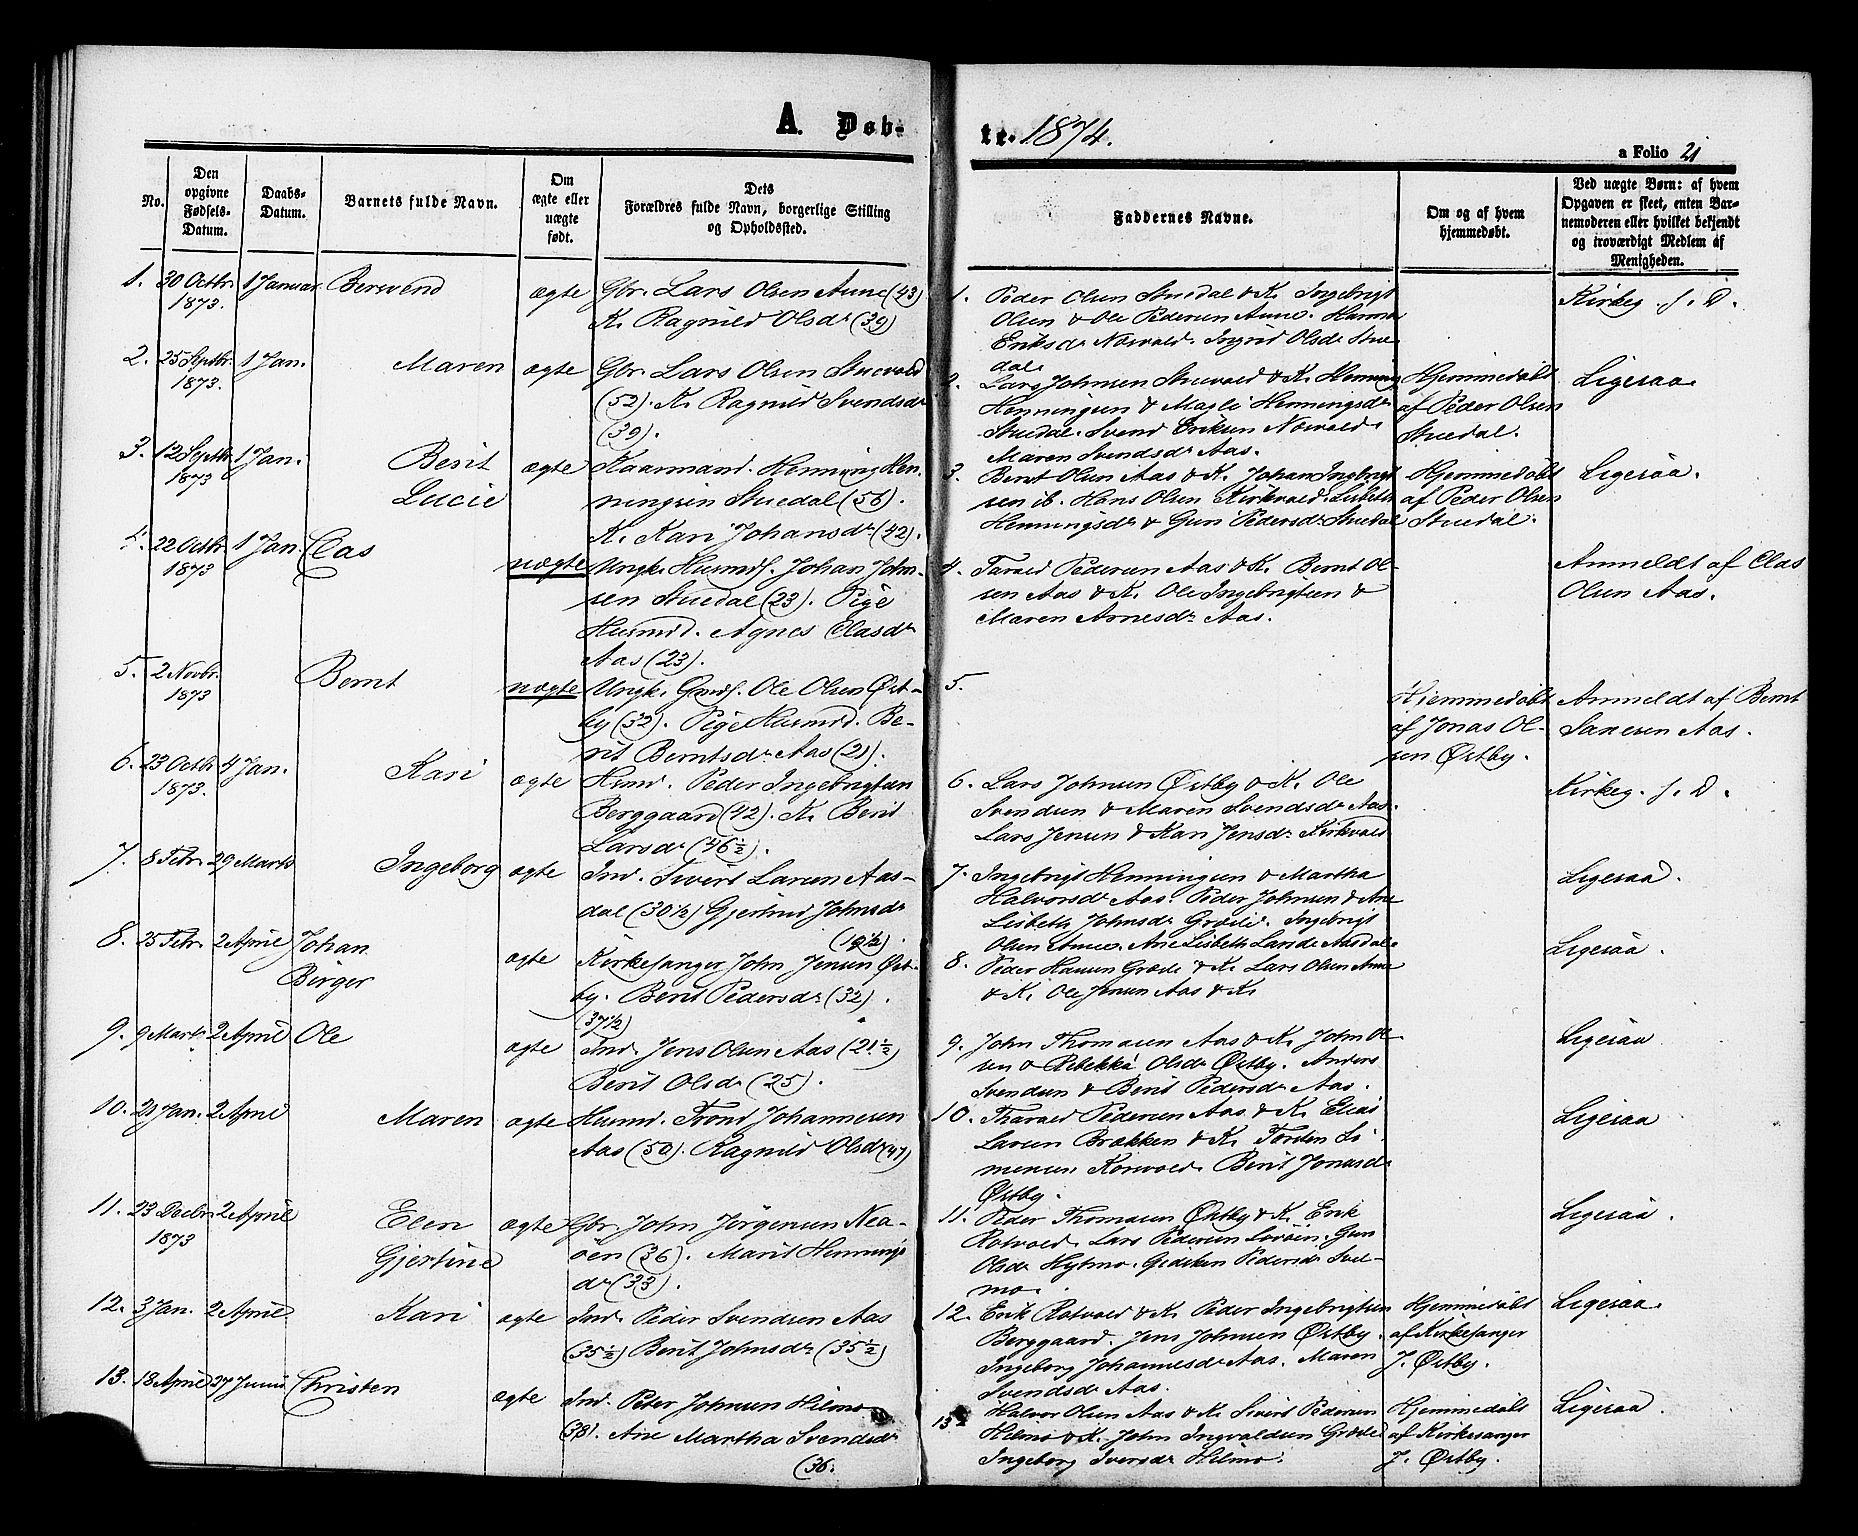 SAT, Ministerialprotokoller, klokkerbøker og fødselsregistre - Sør-Trøndelag, 698/L1163: Ministerialbok nr. 698A01, 1862-1887, s. 21